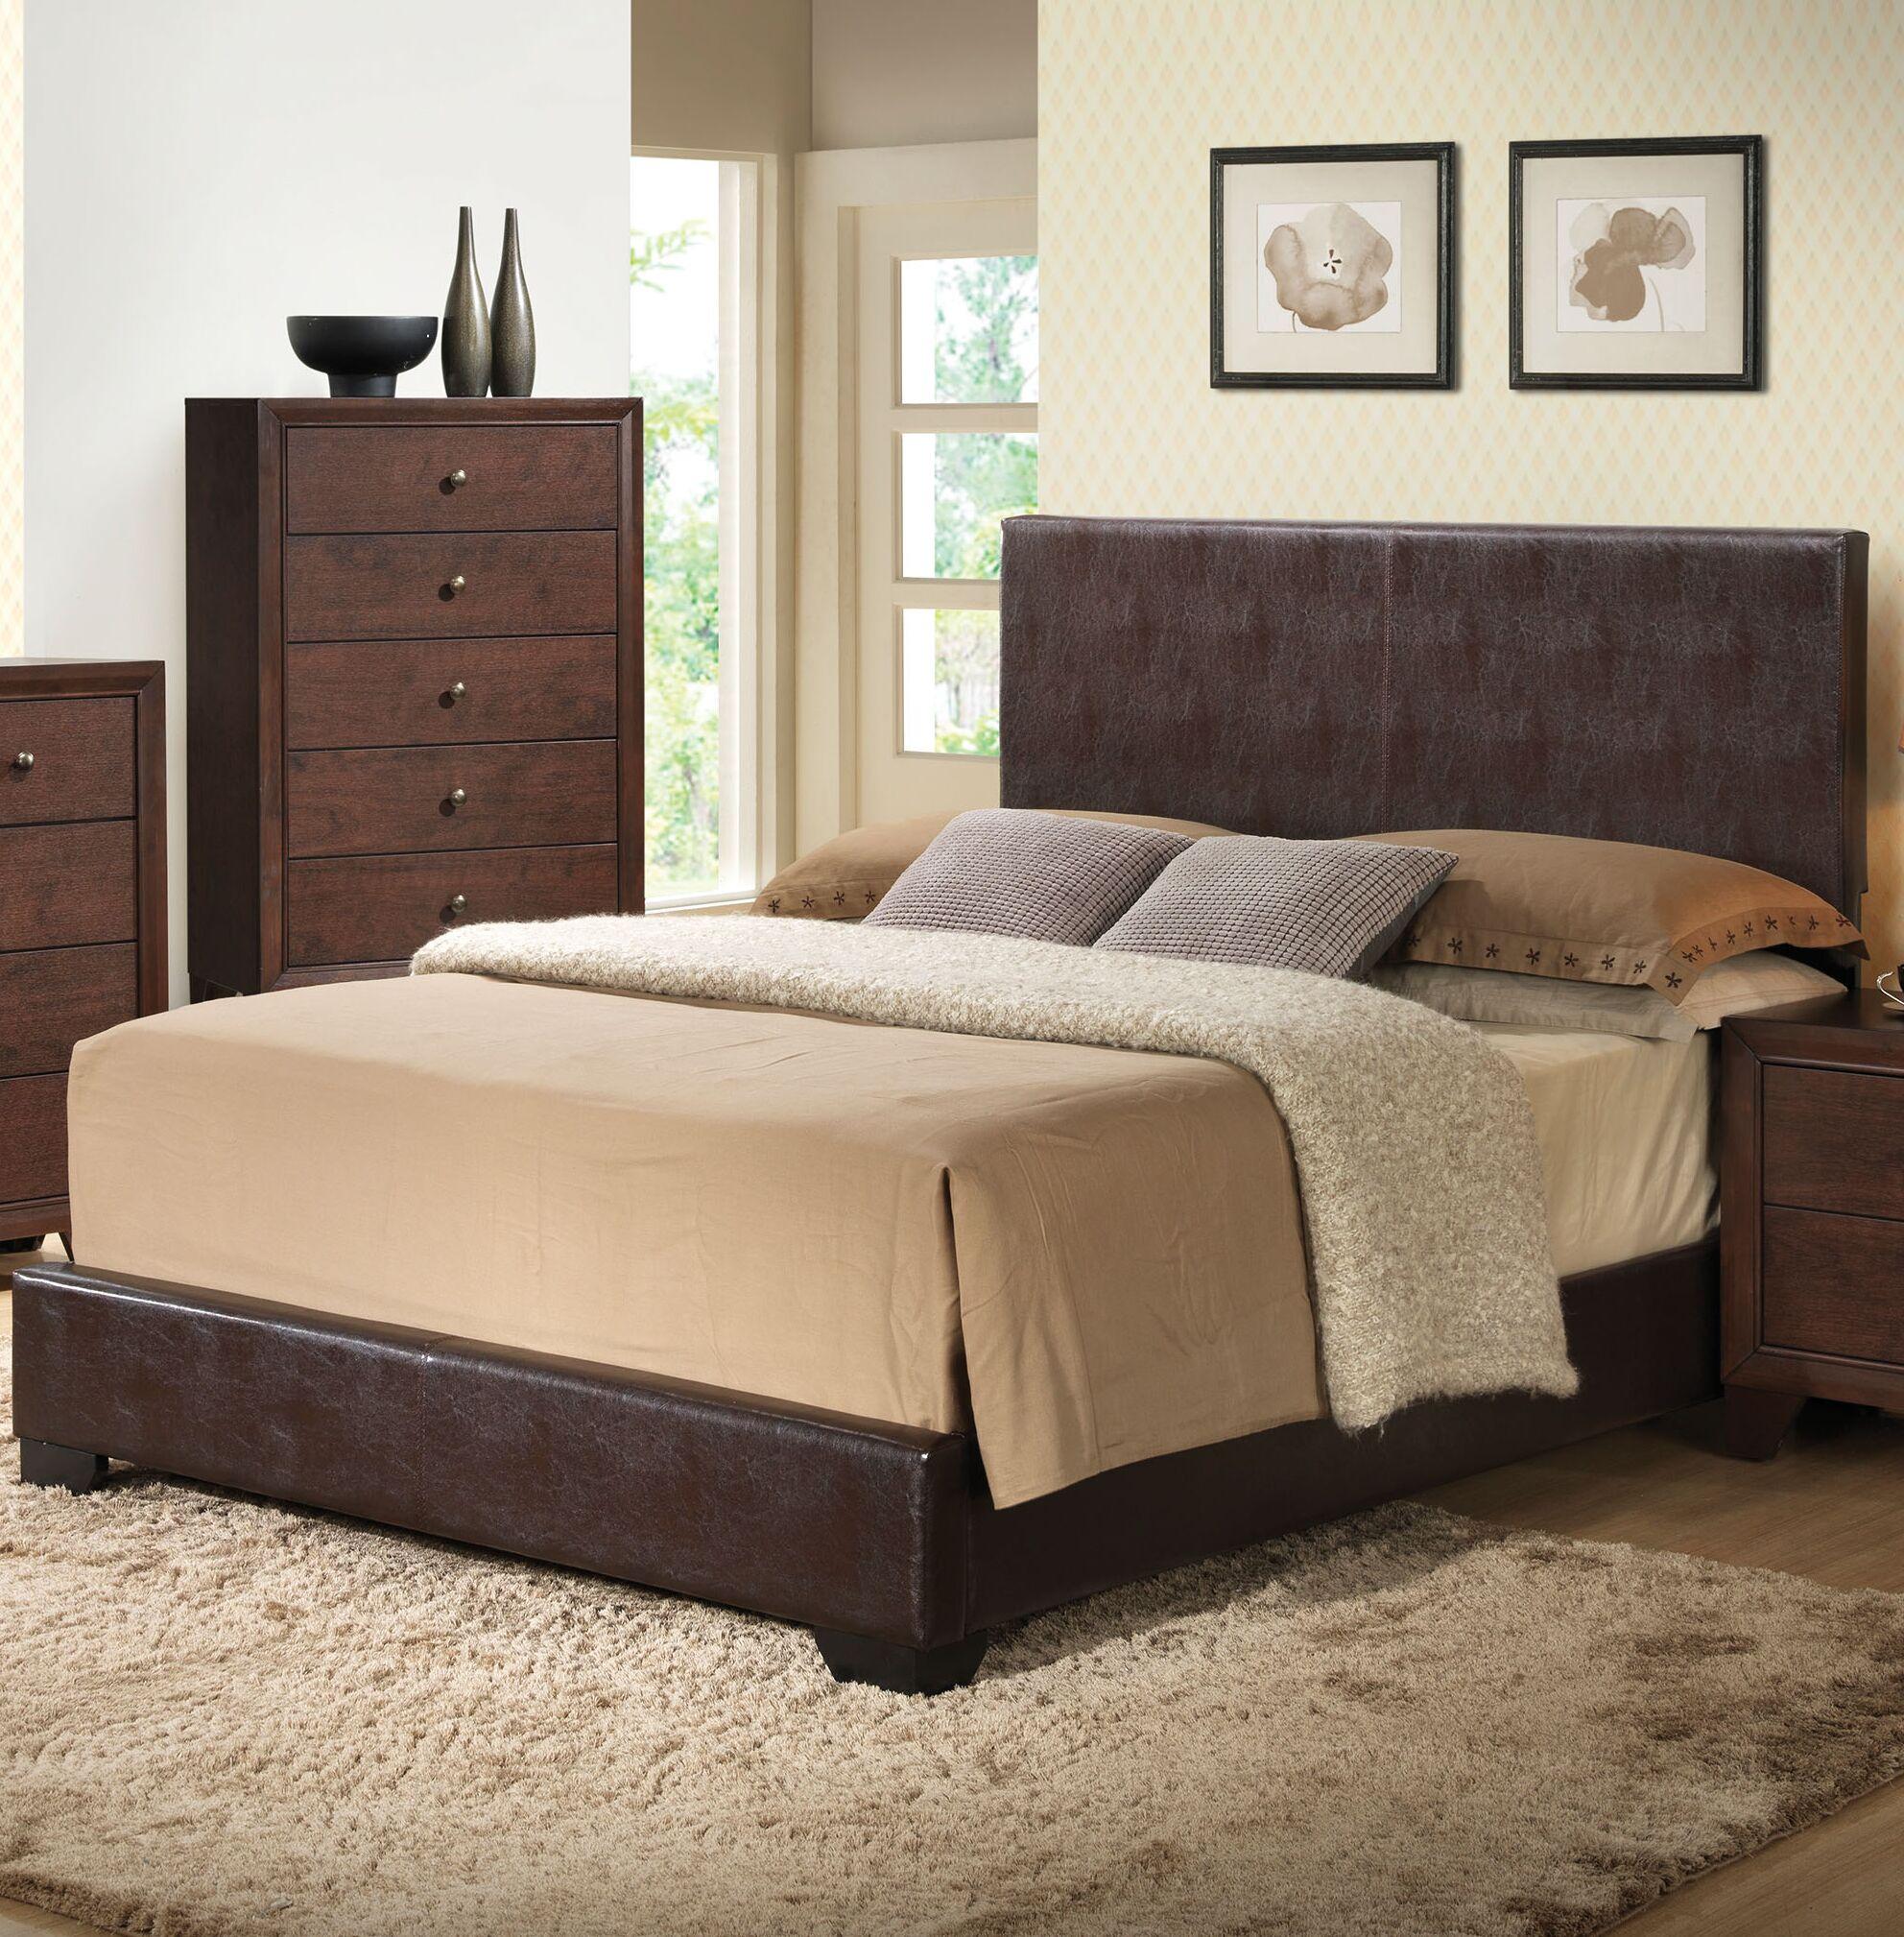 Oge Upholstered Panel Bed Color: Black, Size: Full